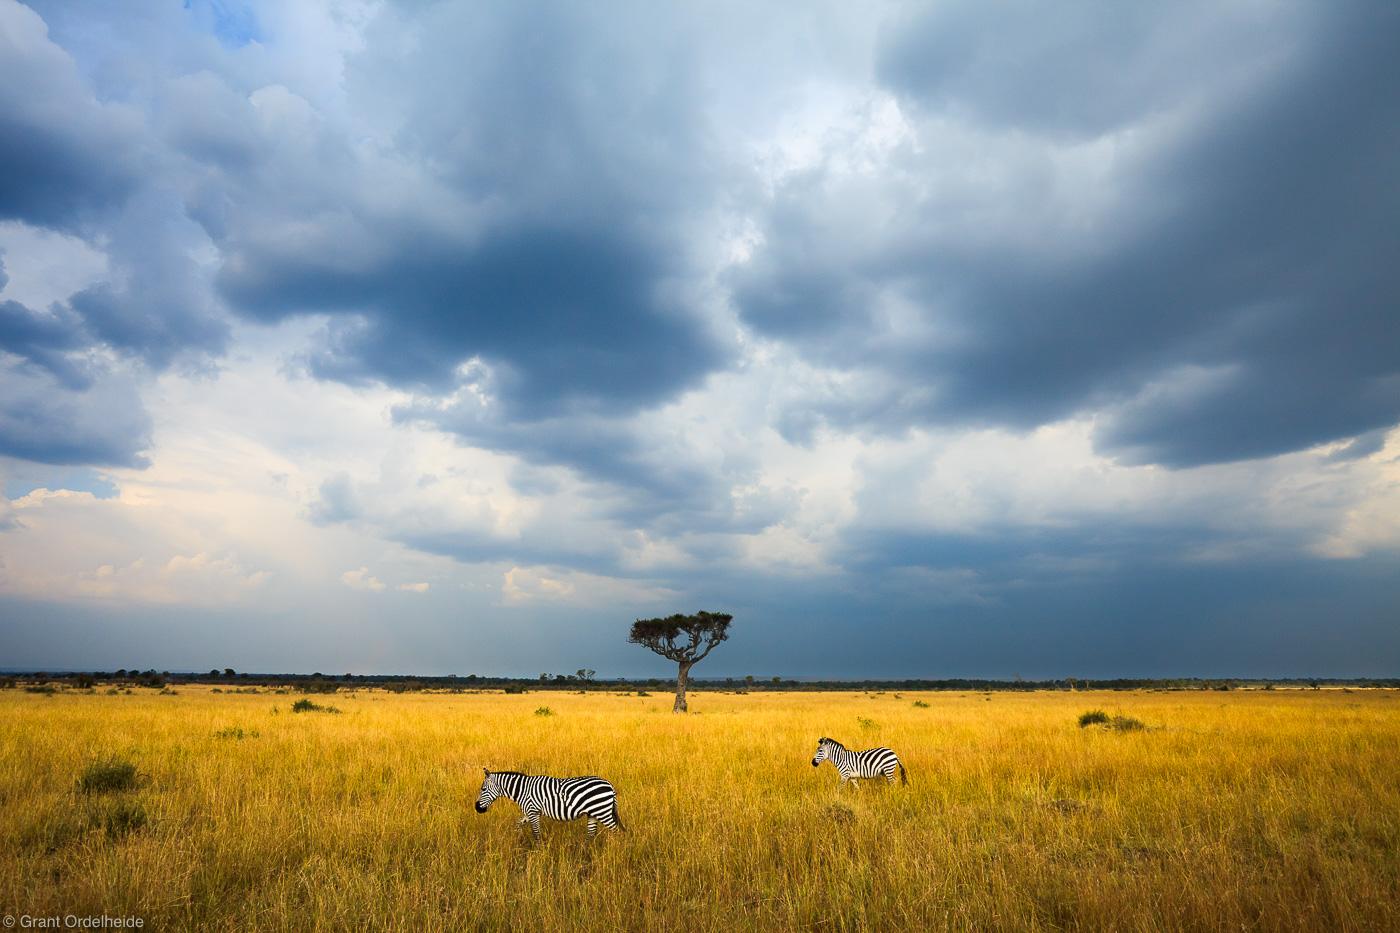 Zebra Sky Masai Mara Kenya Africa Grant Ordelheide